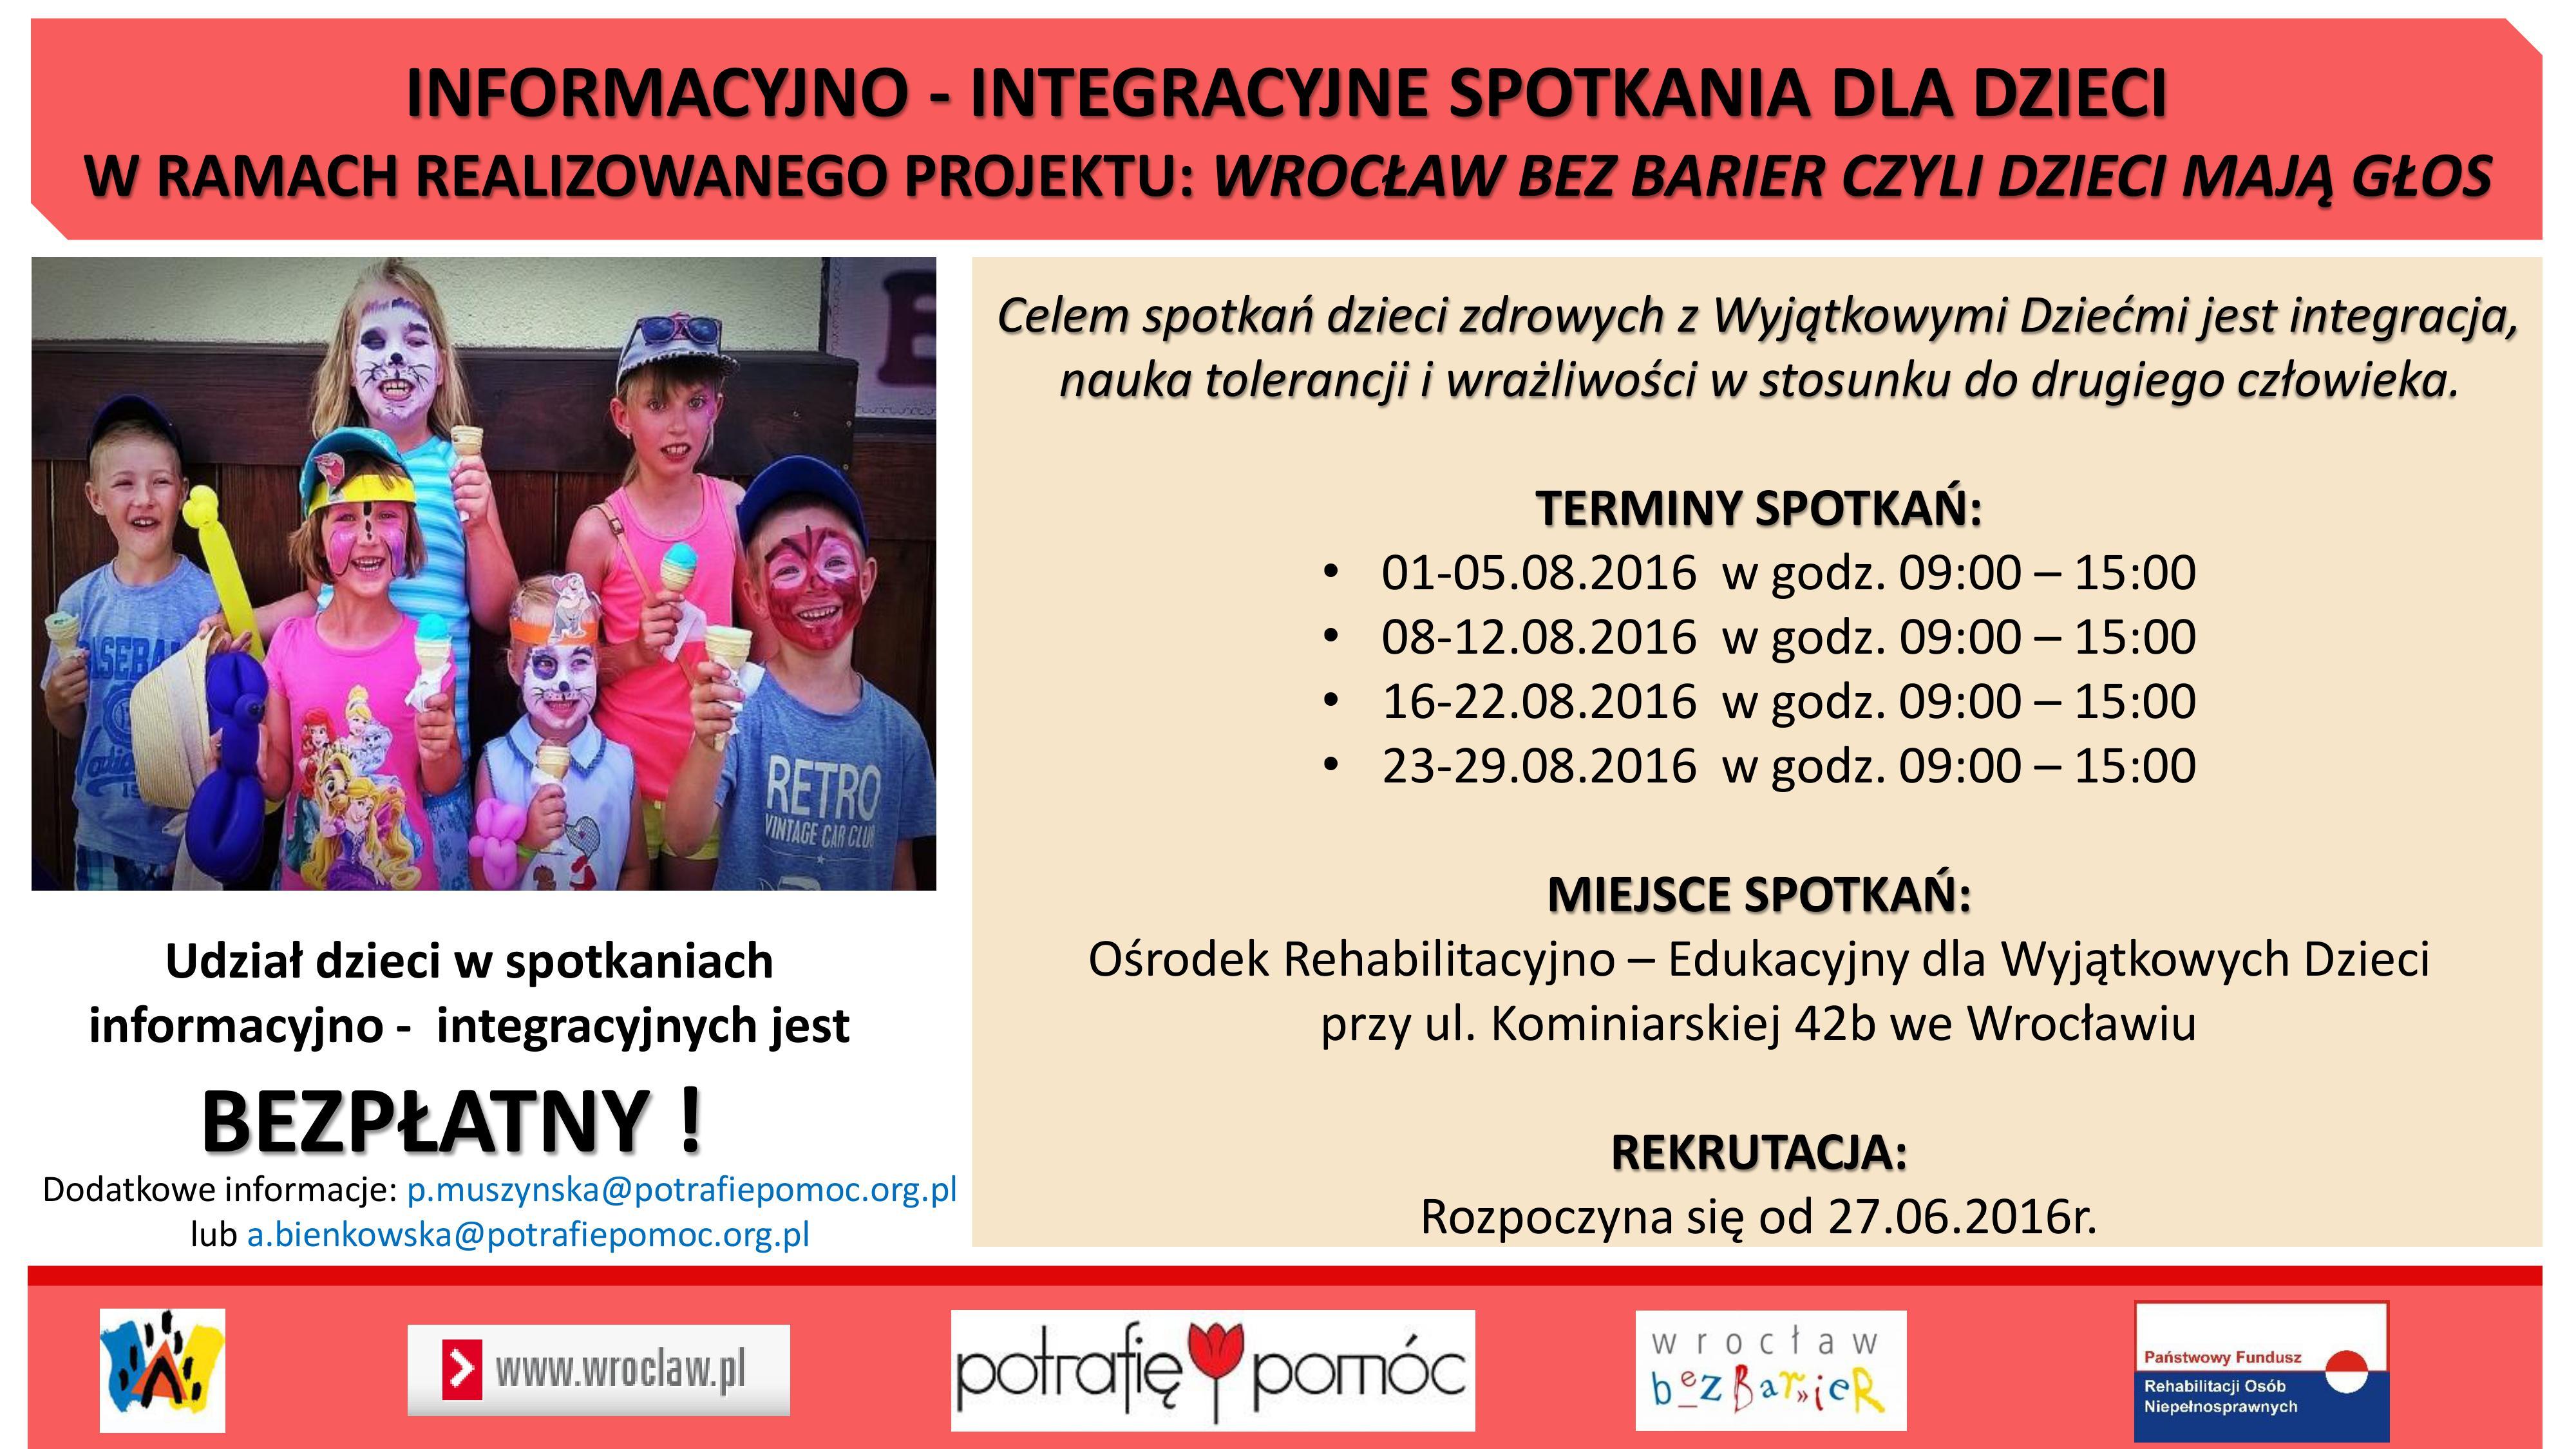 Plakat spotkań informacyjno - integracyjnych